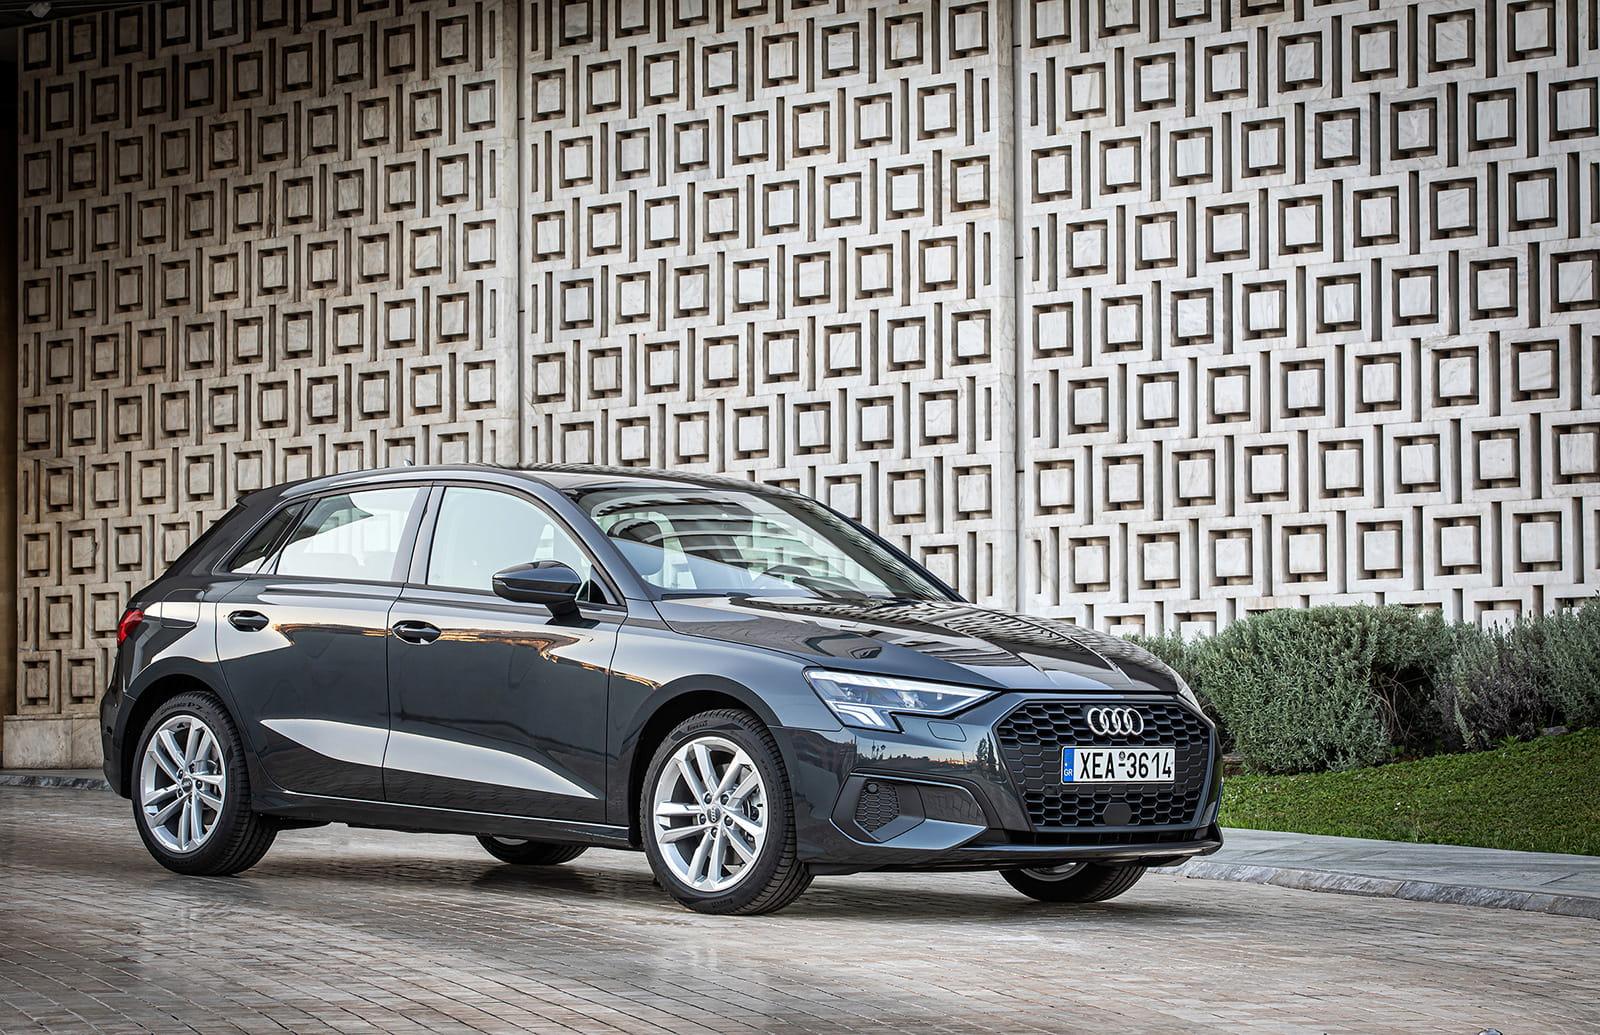 Νέο Audi A3 Sportback σε χρώμα γκρι Manhattan